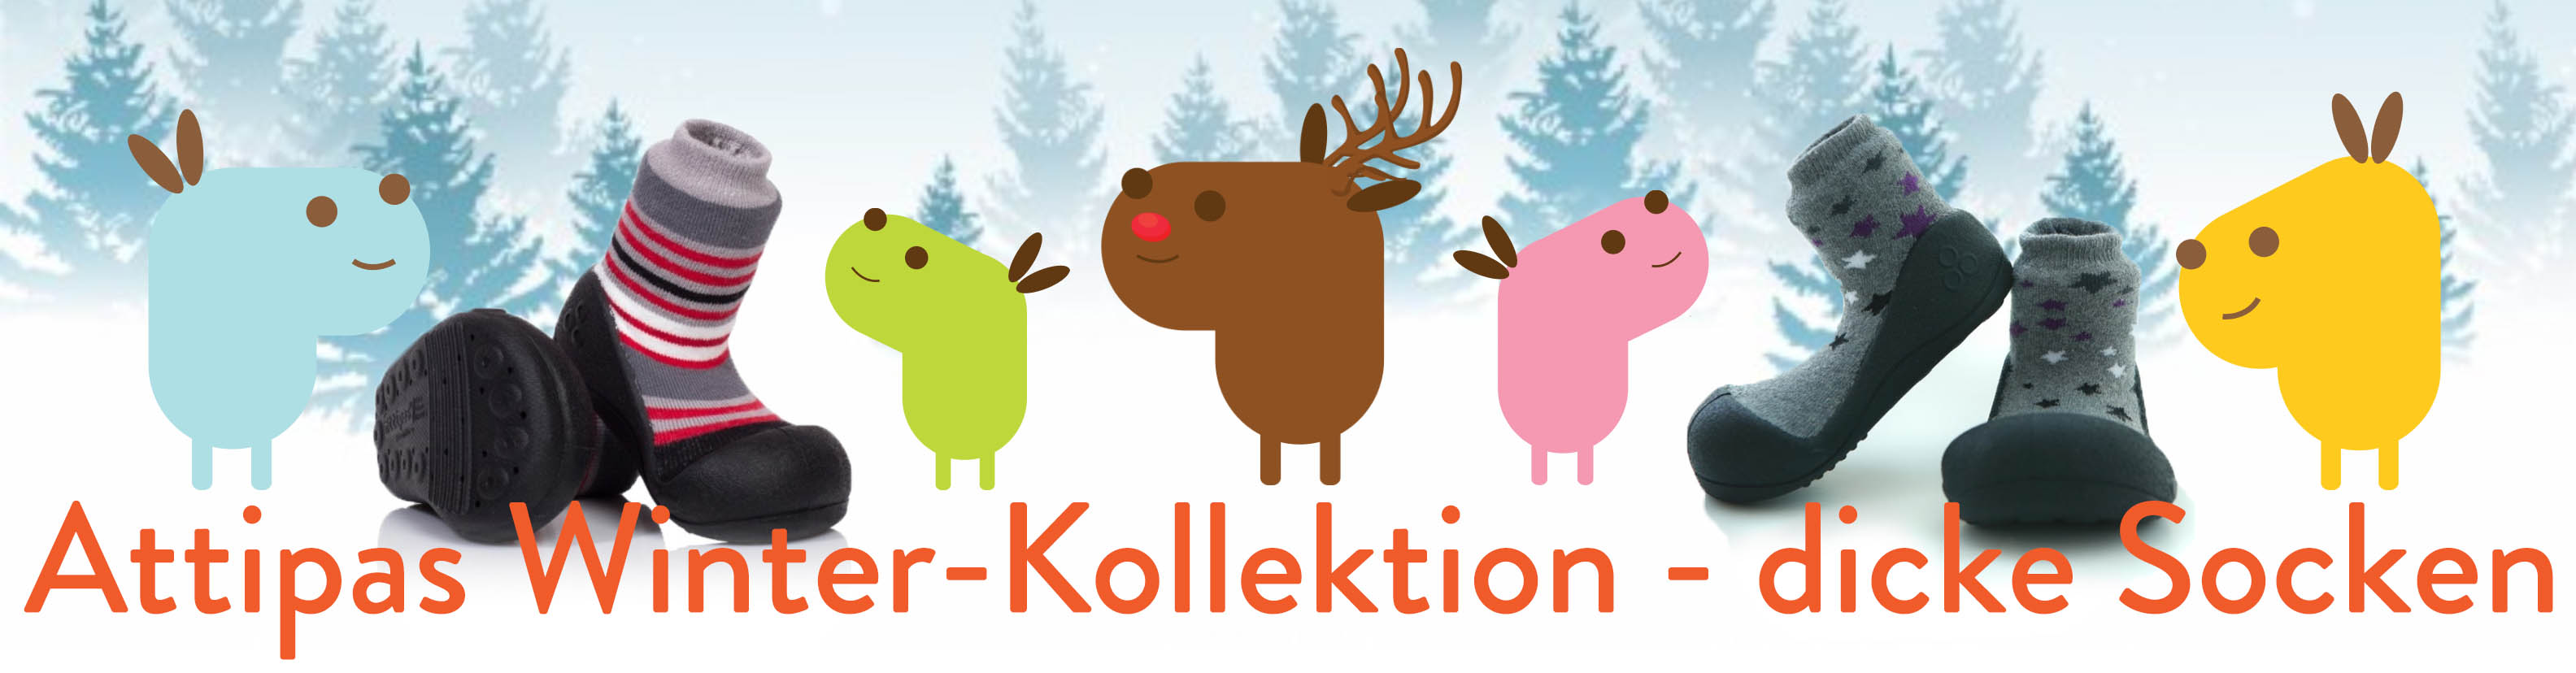 Attipas Winter-Kollektion - dicke Socken